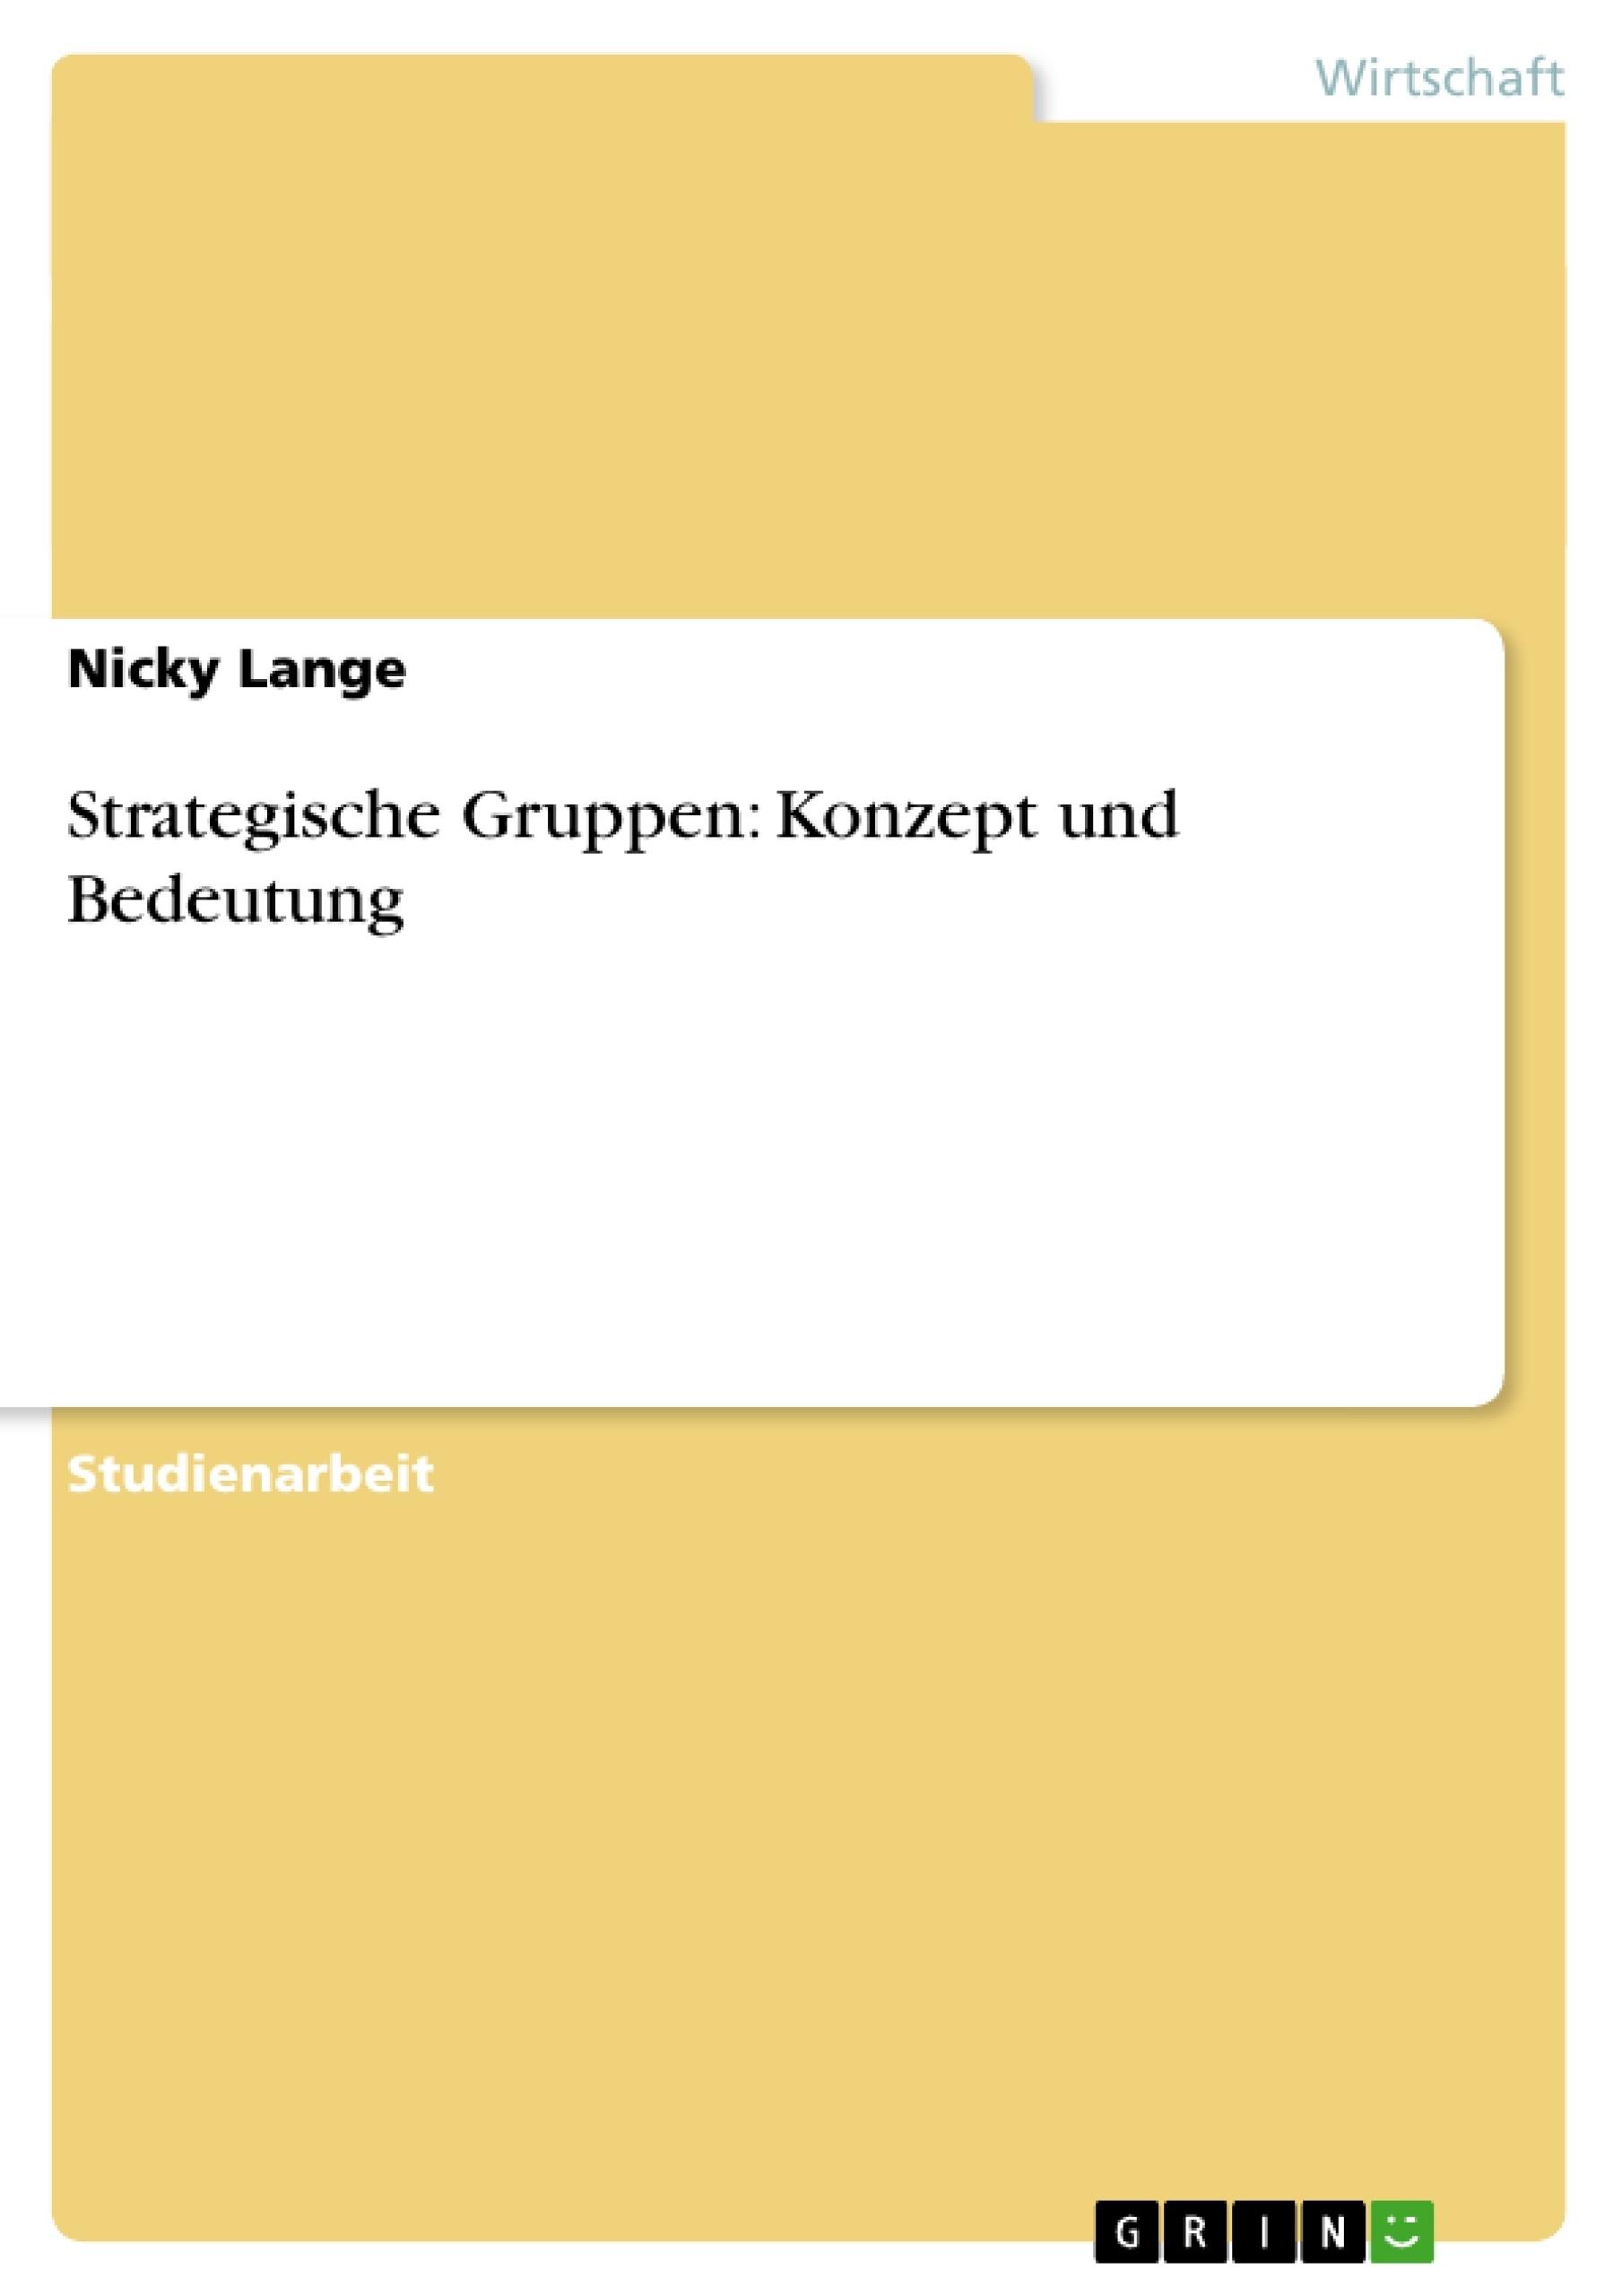 Titel: Strategische Gruppen: Konzept und Bedeutung